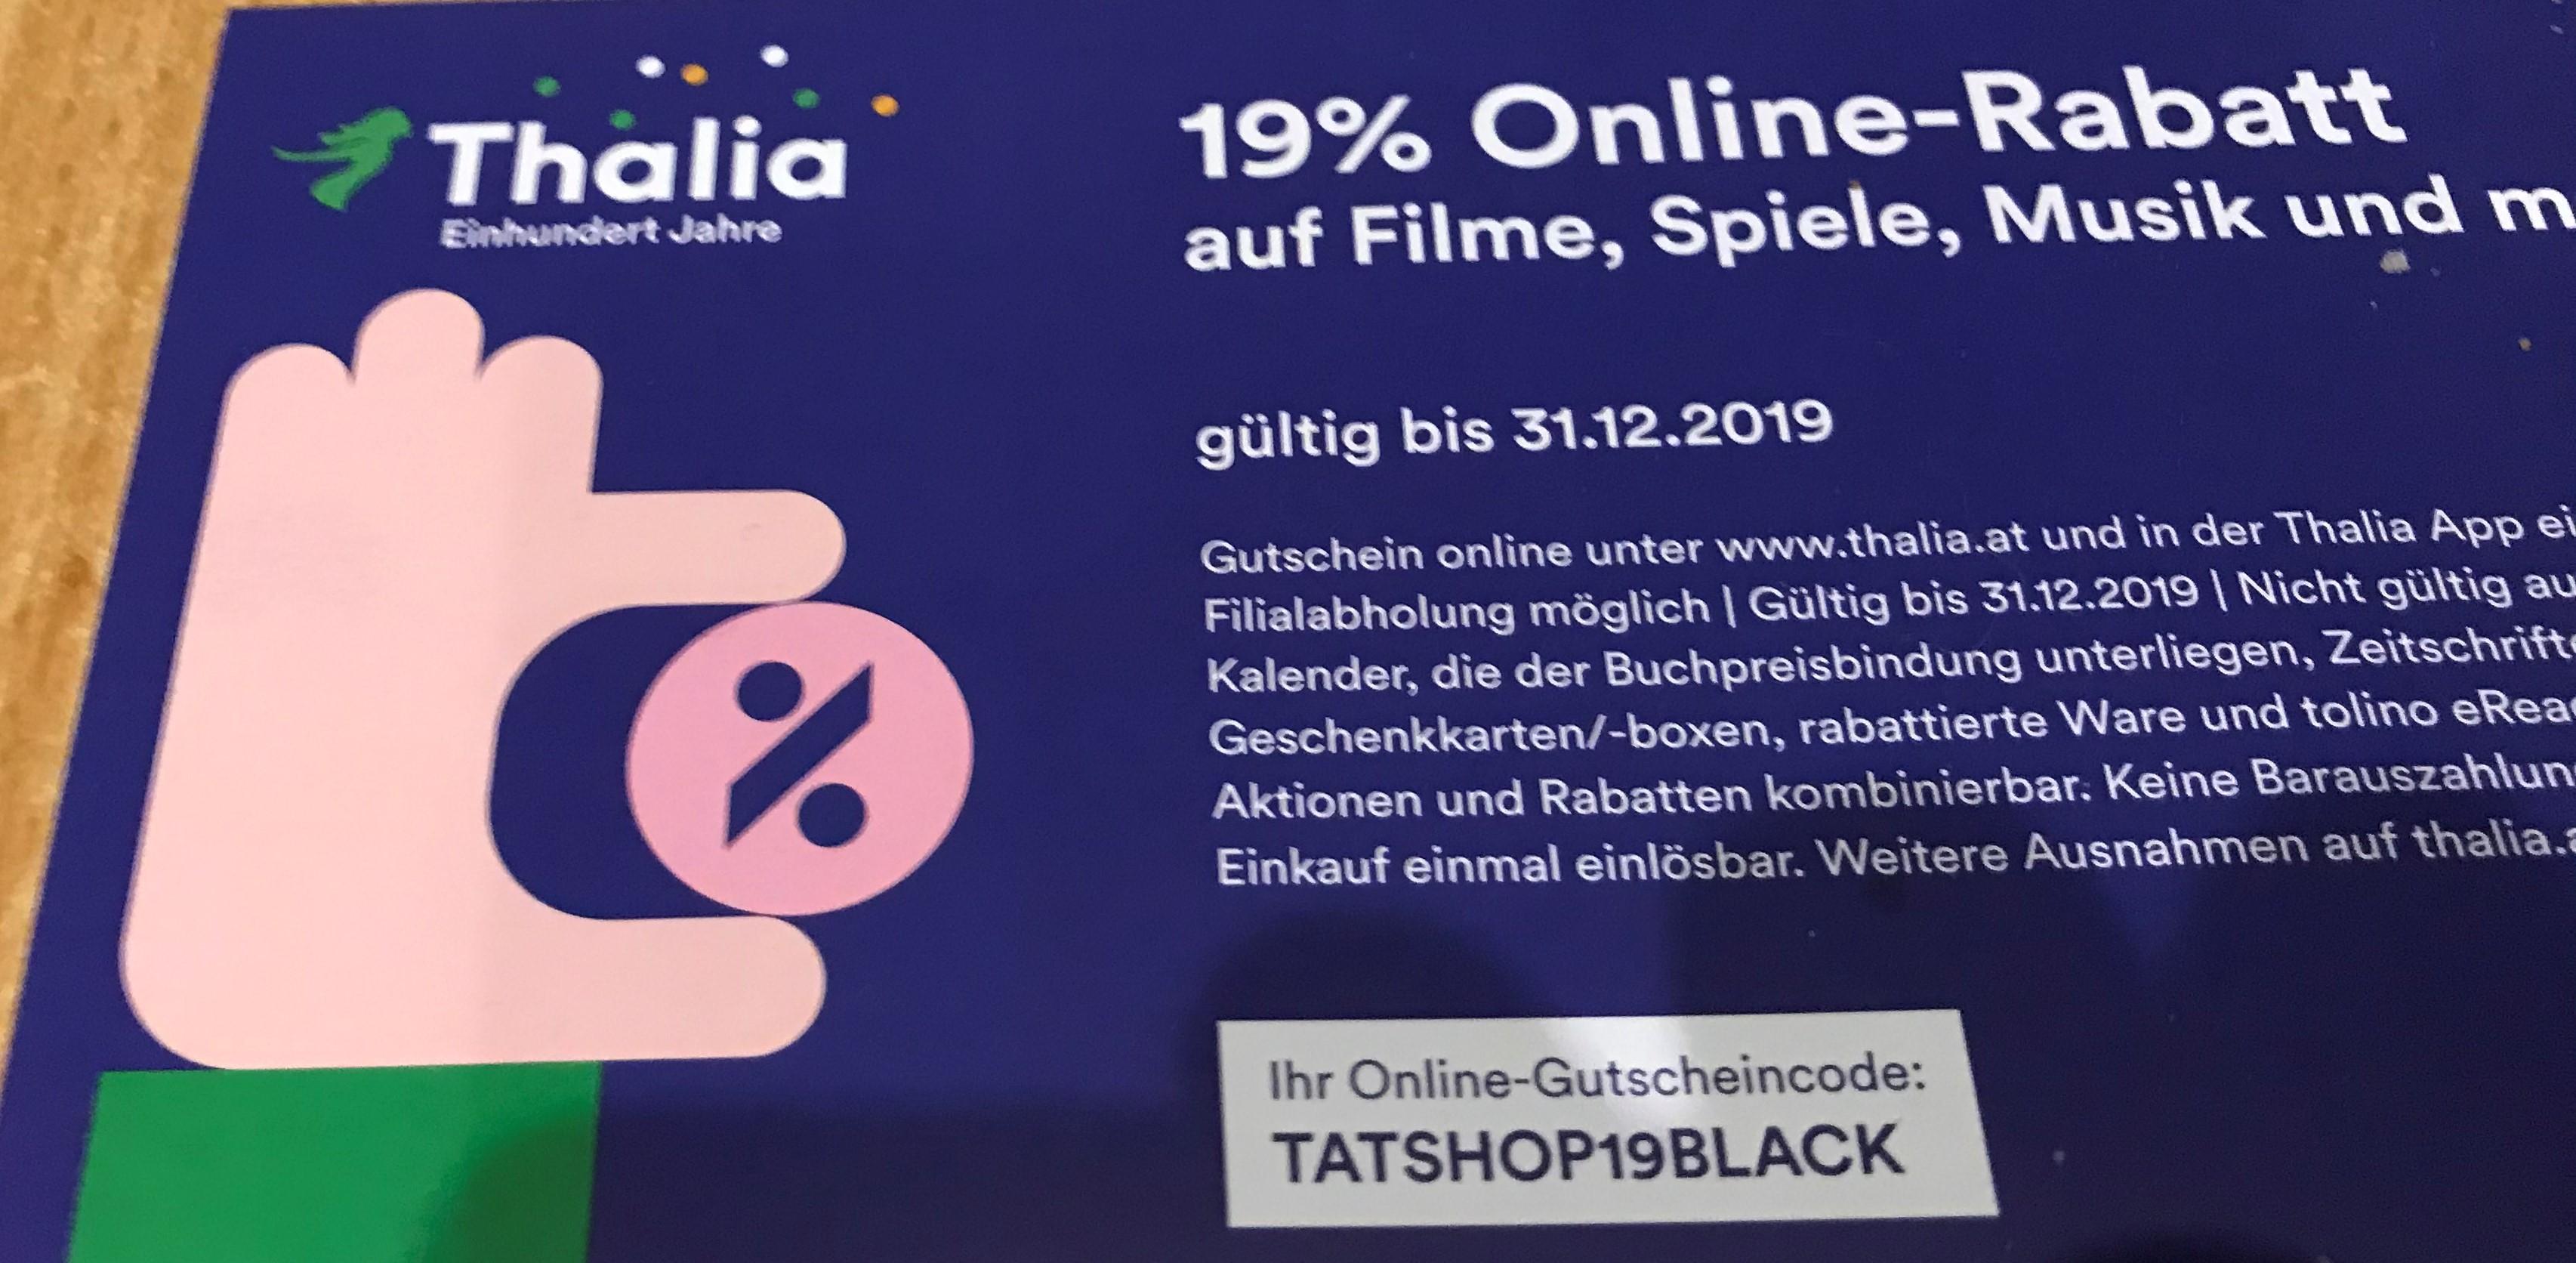 19% Rabatt bei Thalia